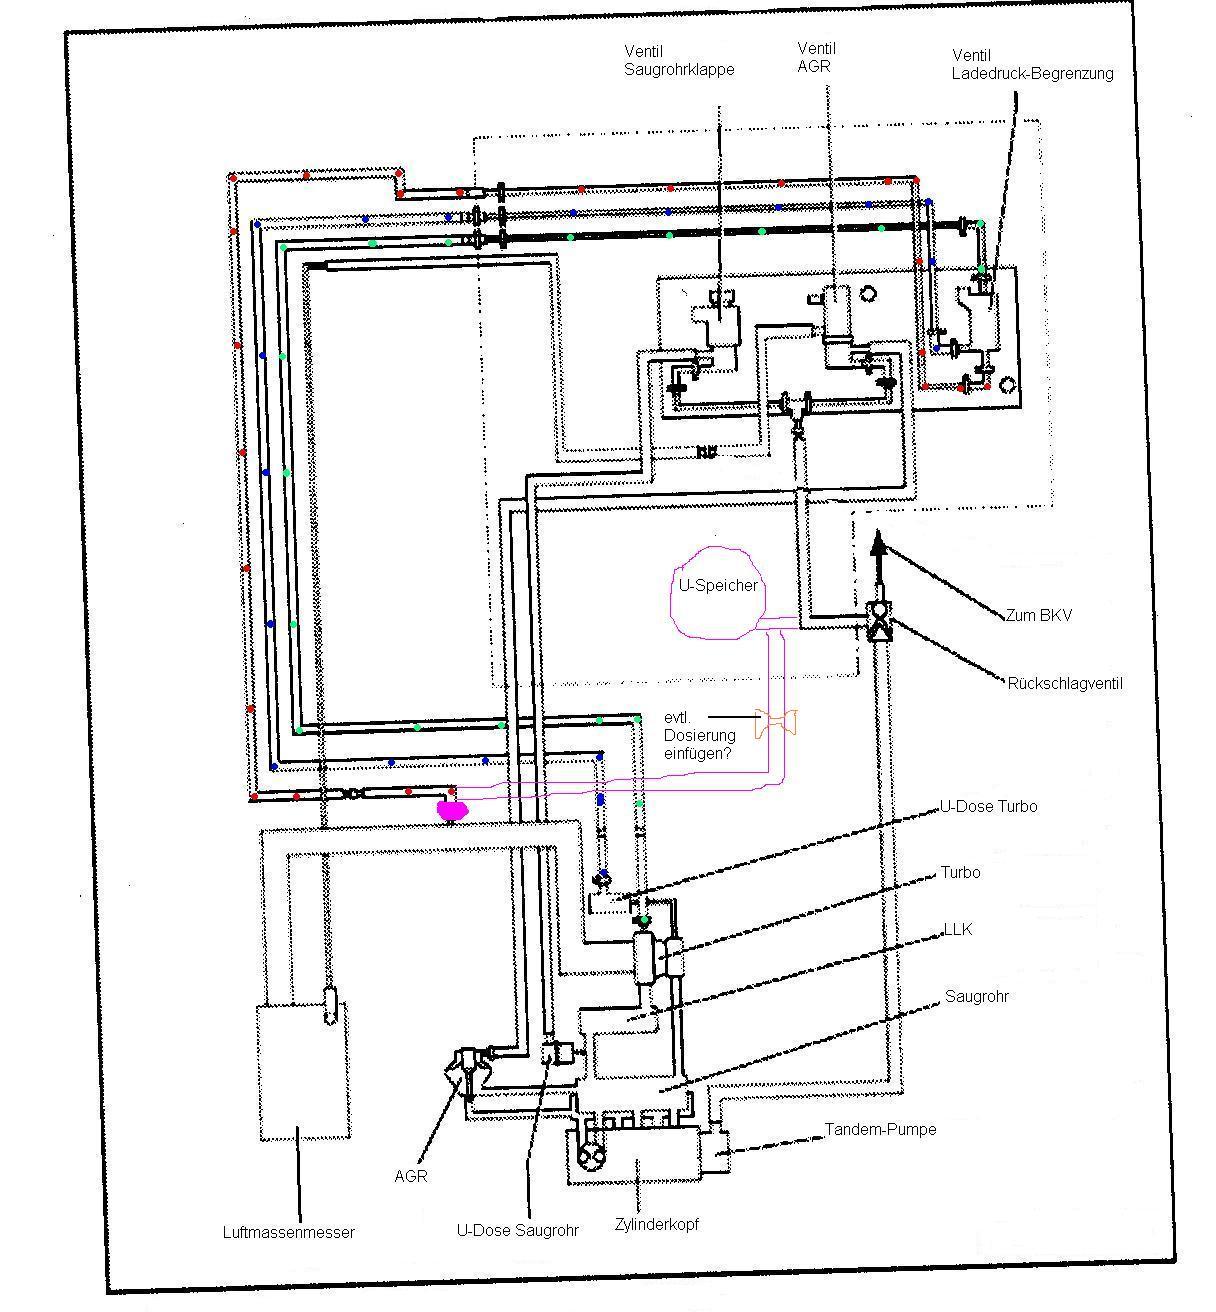 58933a0180762_Unterdruck-Regelung-SpeicherErweiterung.JPG.87033c99c5693bfec27cacfcae008d53.JPG